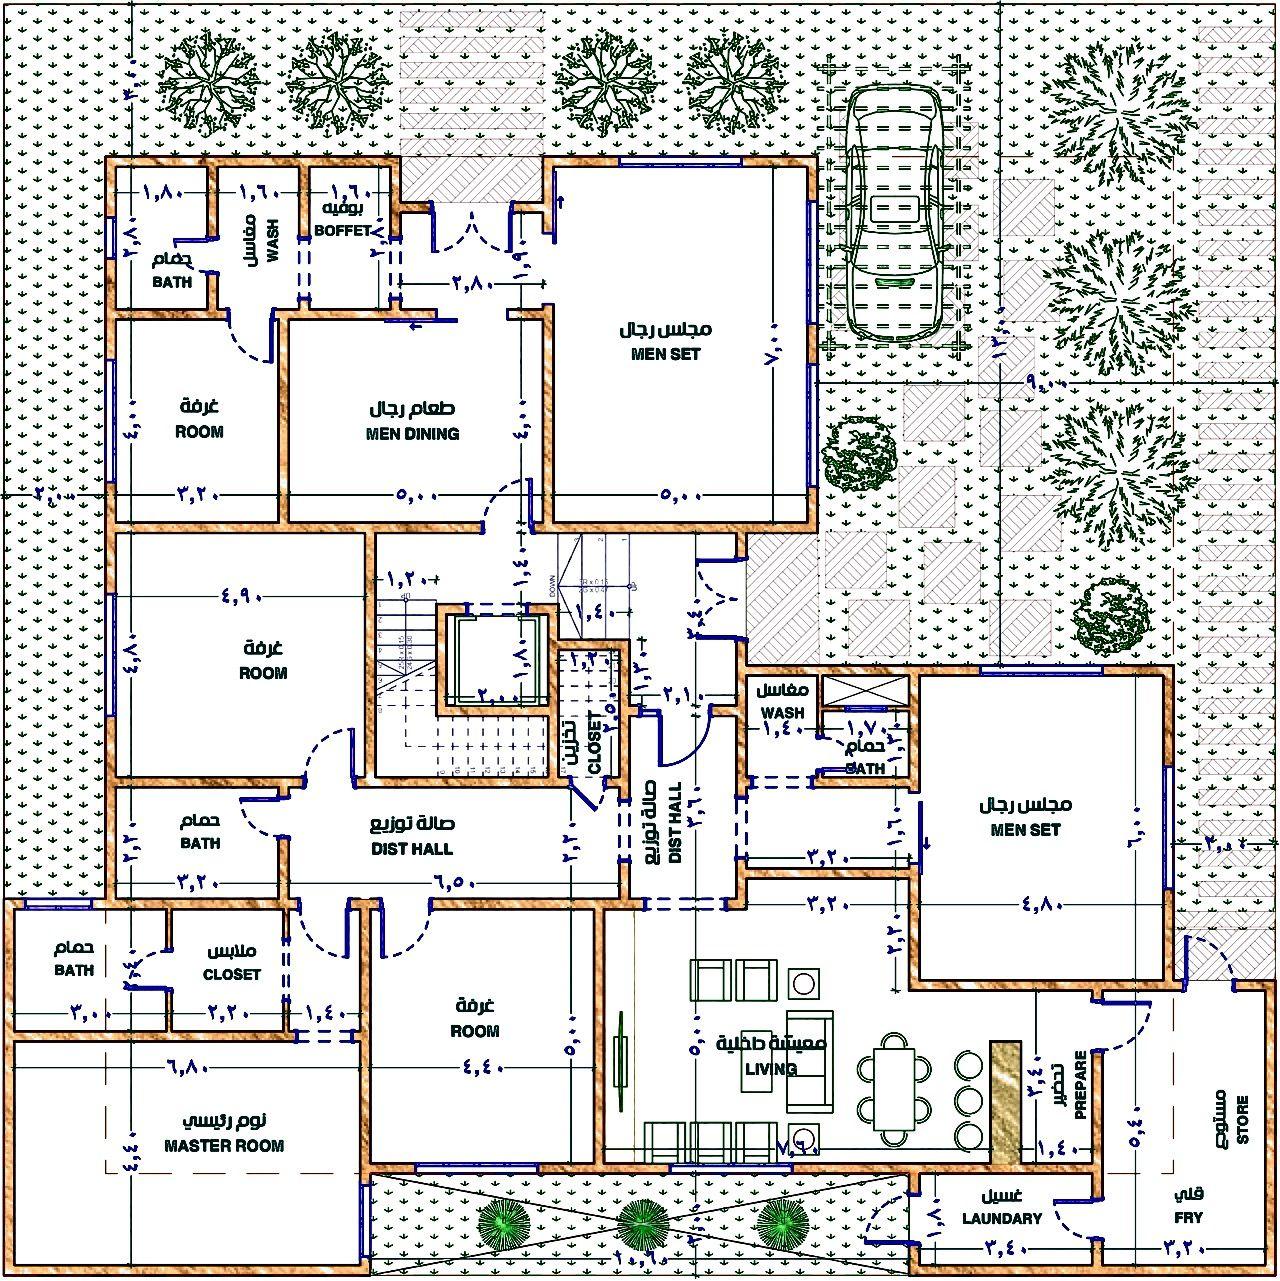 تصميم فيلا مودرن من إيجي ريفت الارضي New House Plans House Layout Plans House Layouts